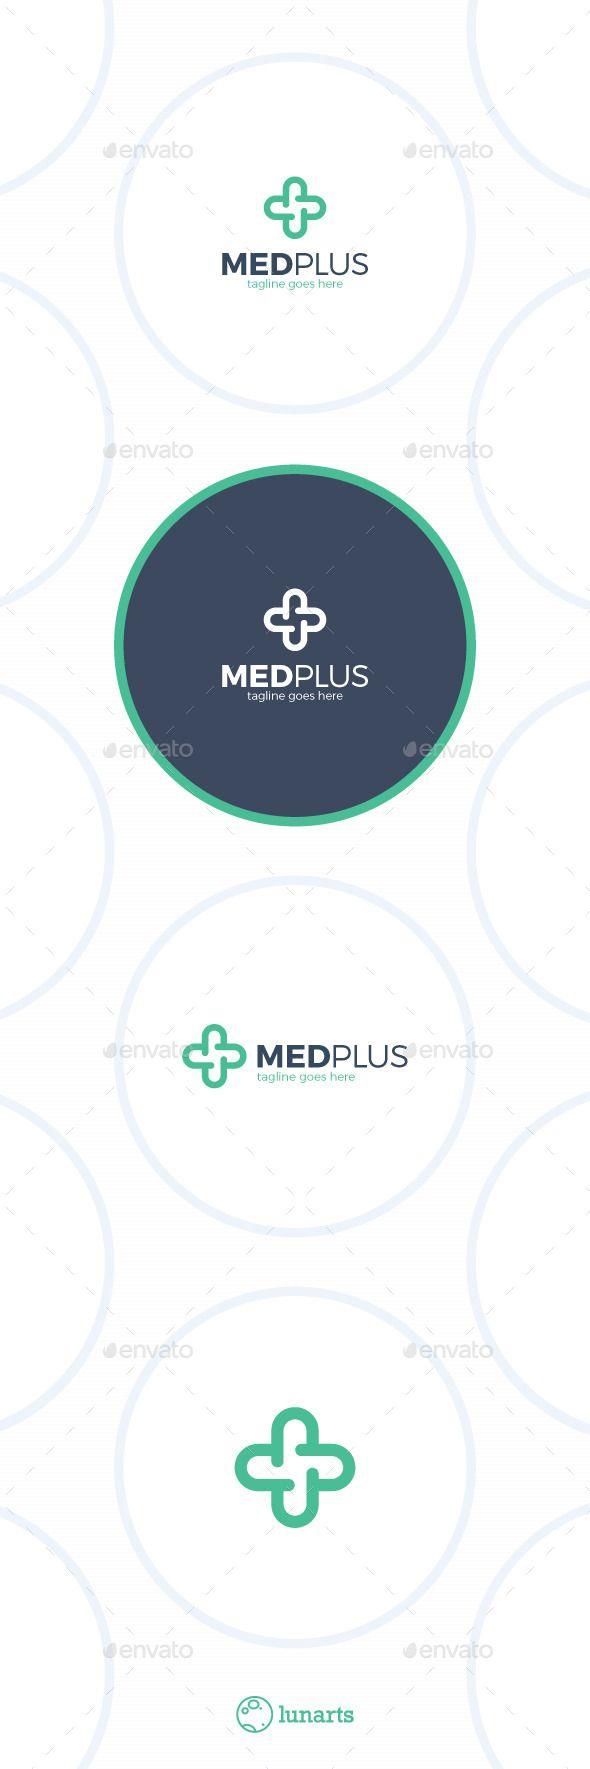 Best 25+ Medical logo ideas on Pinterest   Medical design, Medical ...